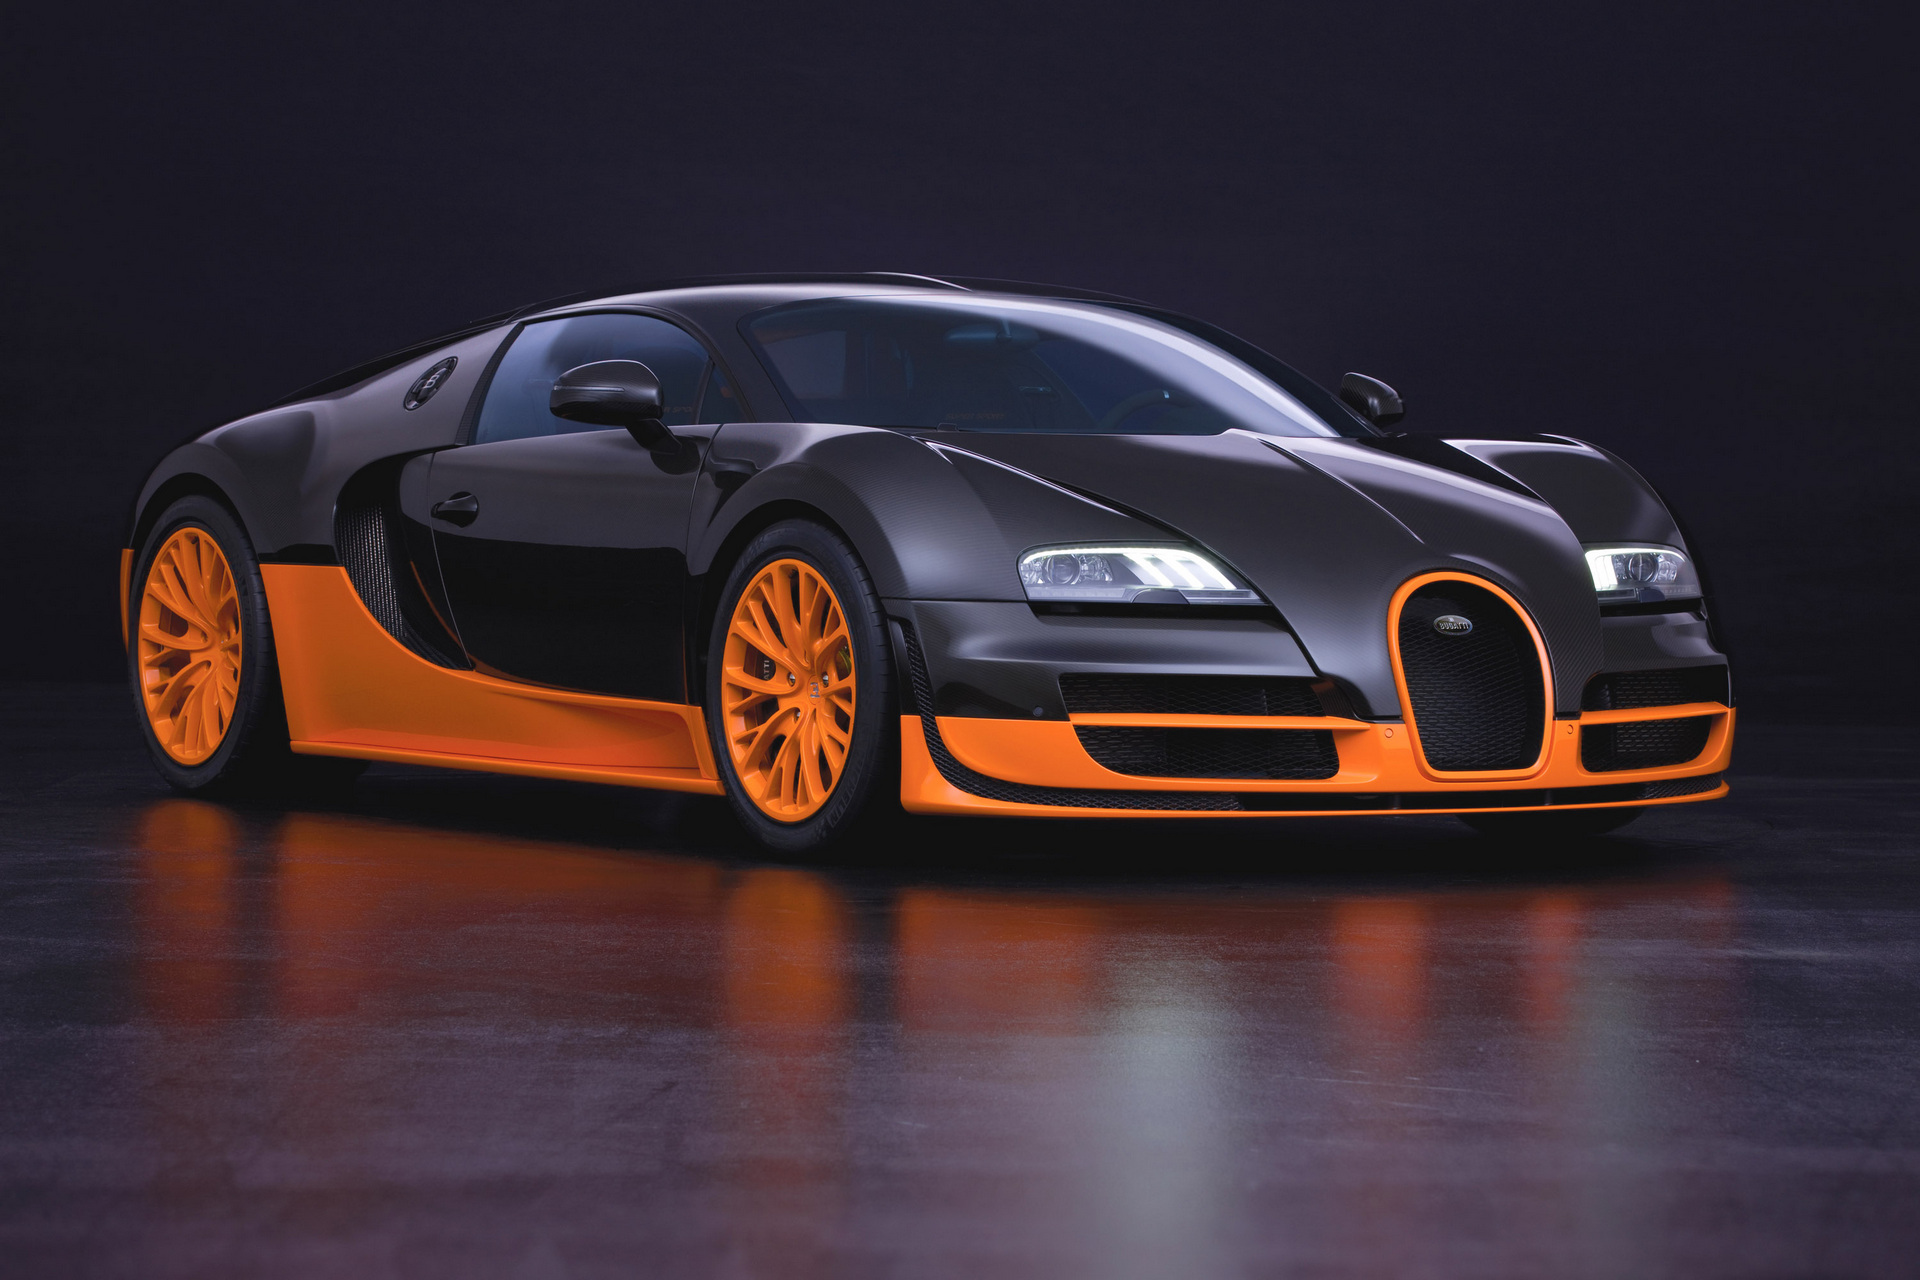 What company makes bugatti